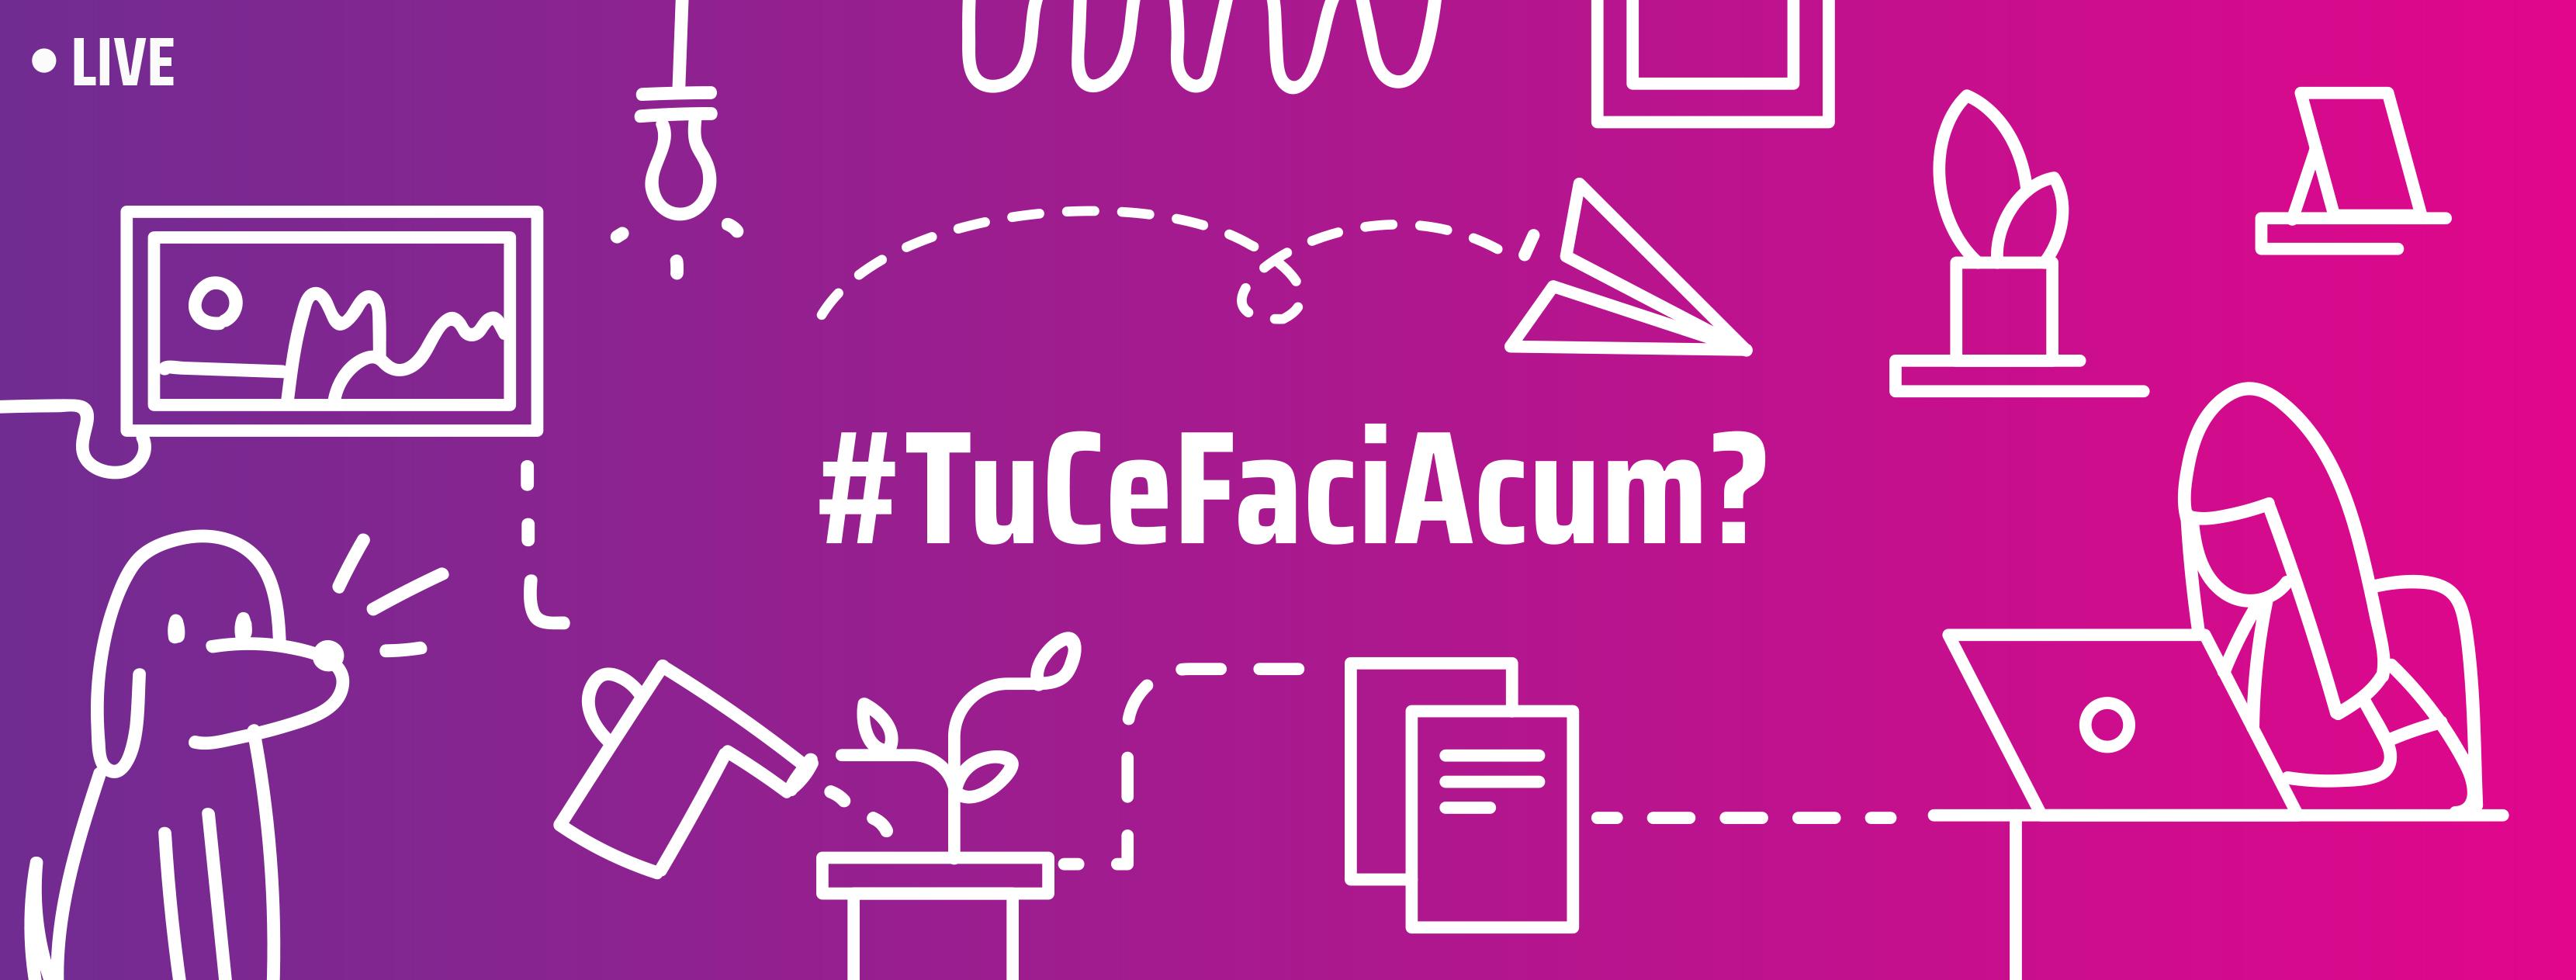 Școala de Valori lansează campania #TuCeFaciAcum? campanie de conștientizare și responsabilizare